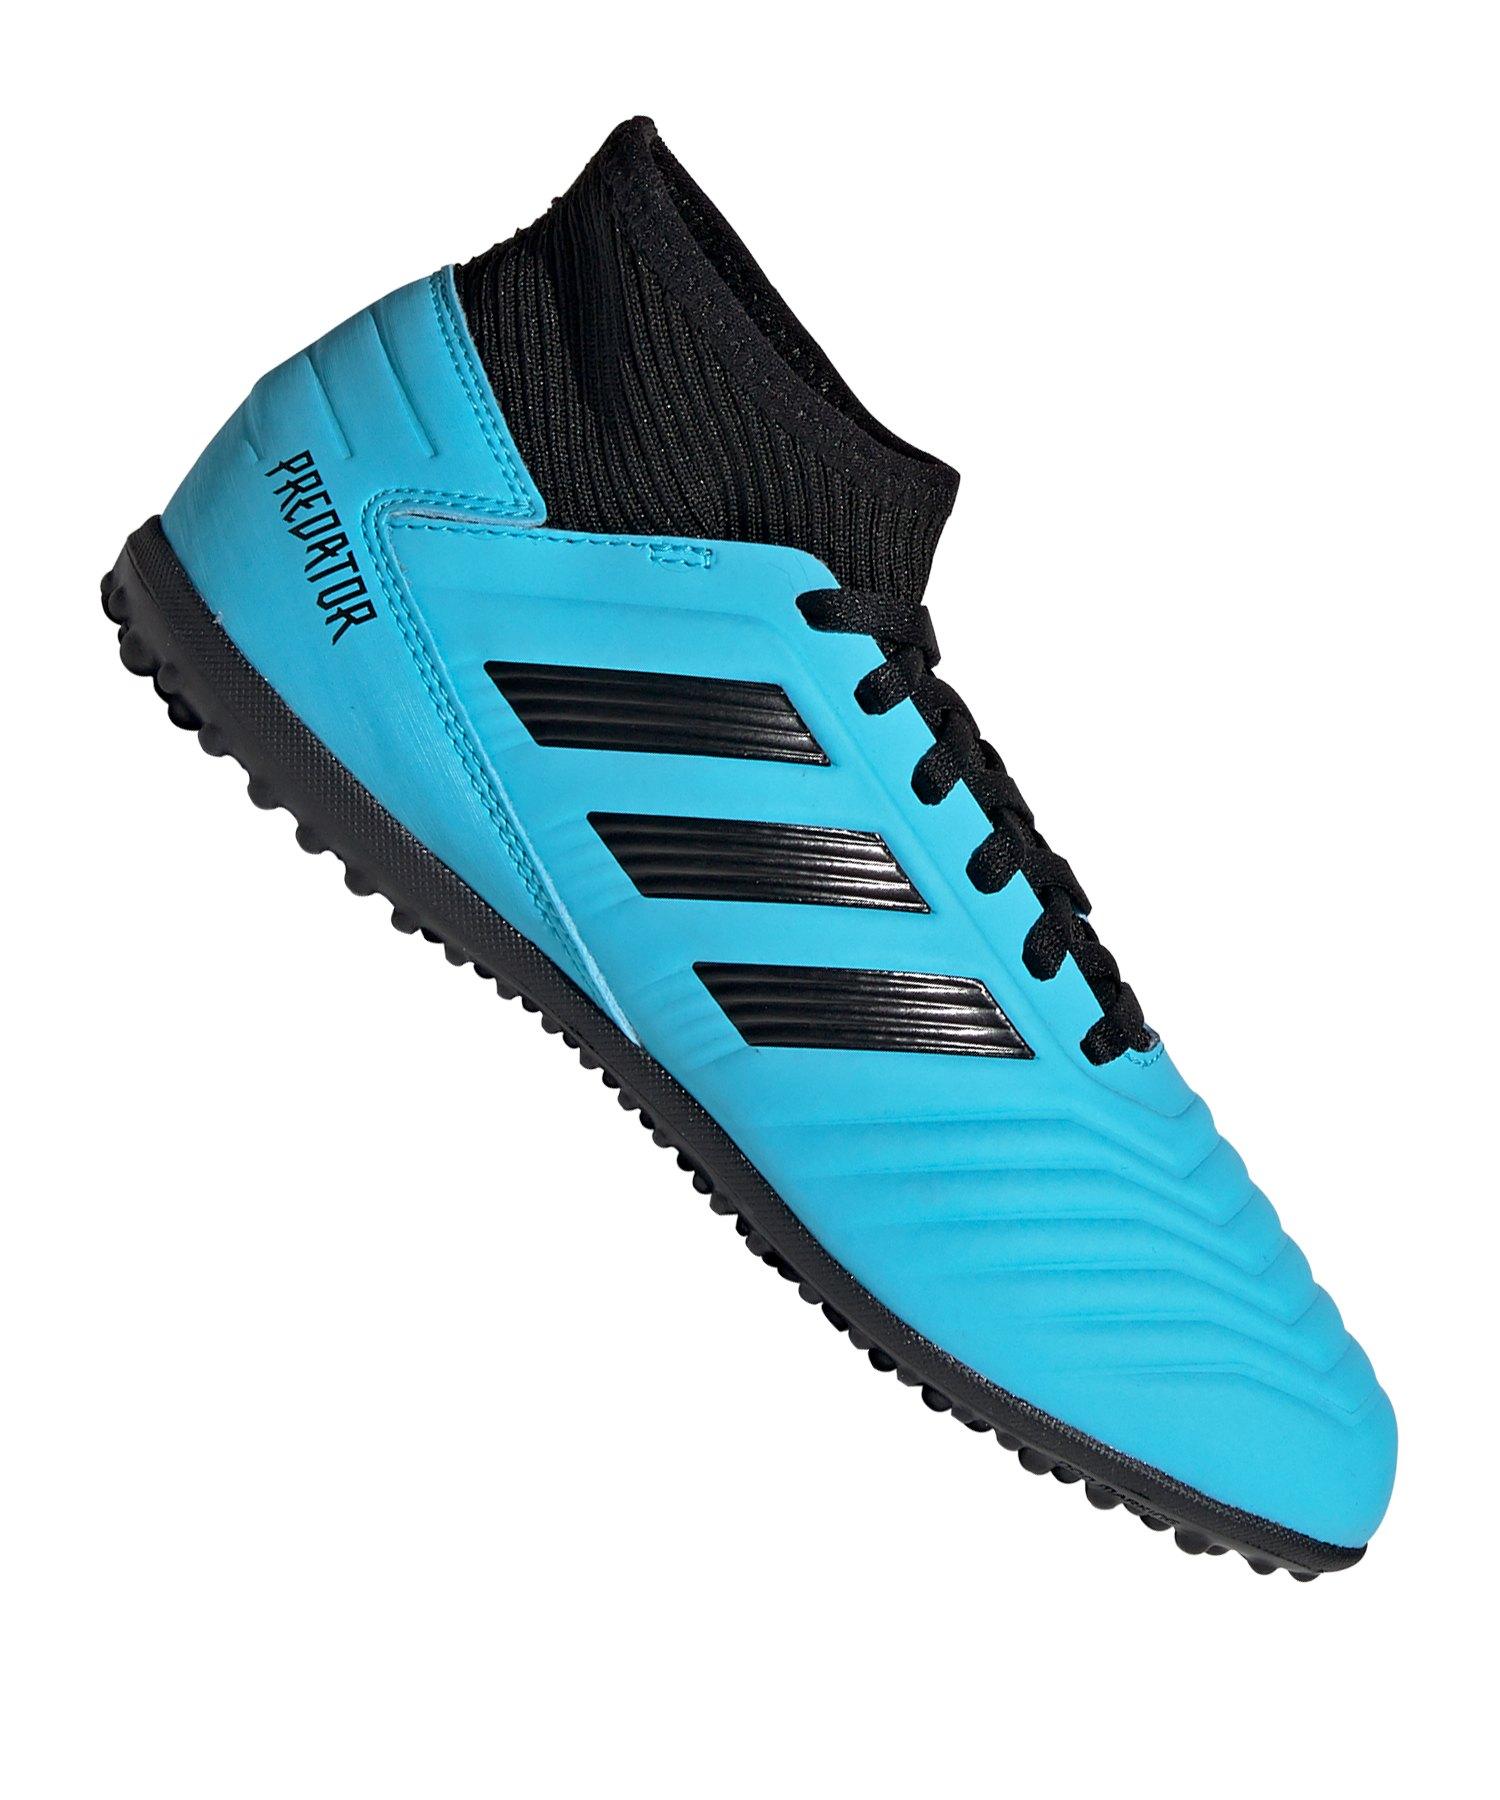 adidas Predator 19.3 TF J Kids Blau Schwarz - blau